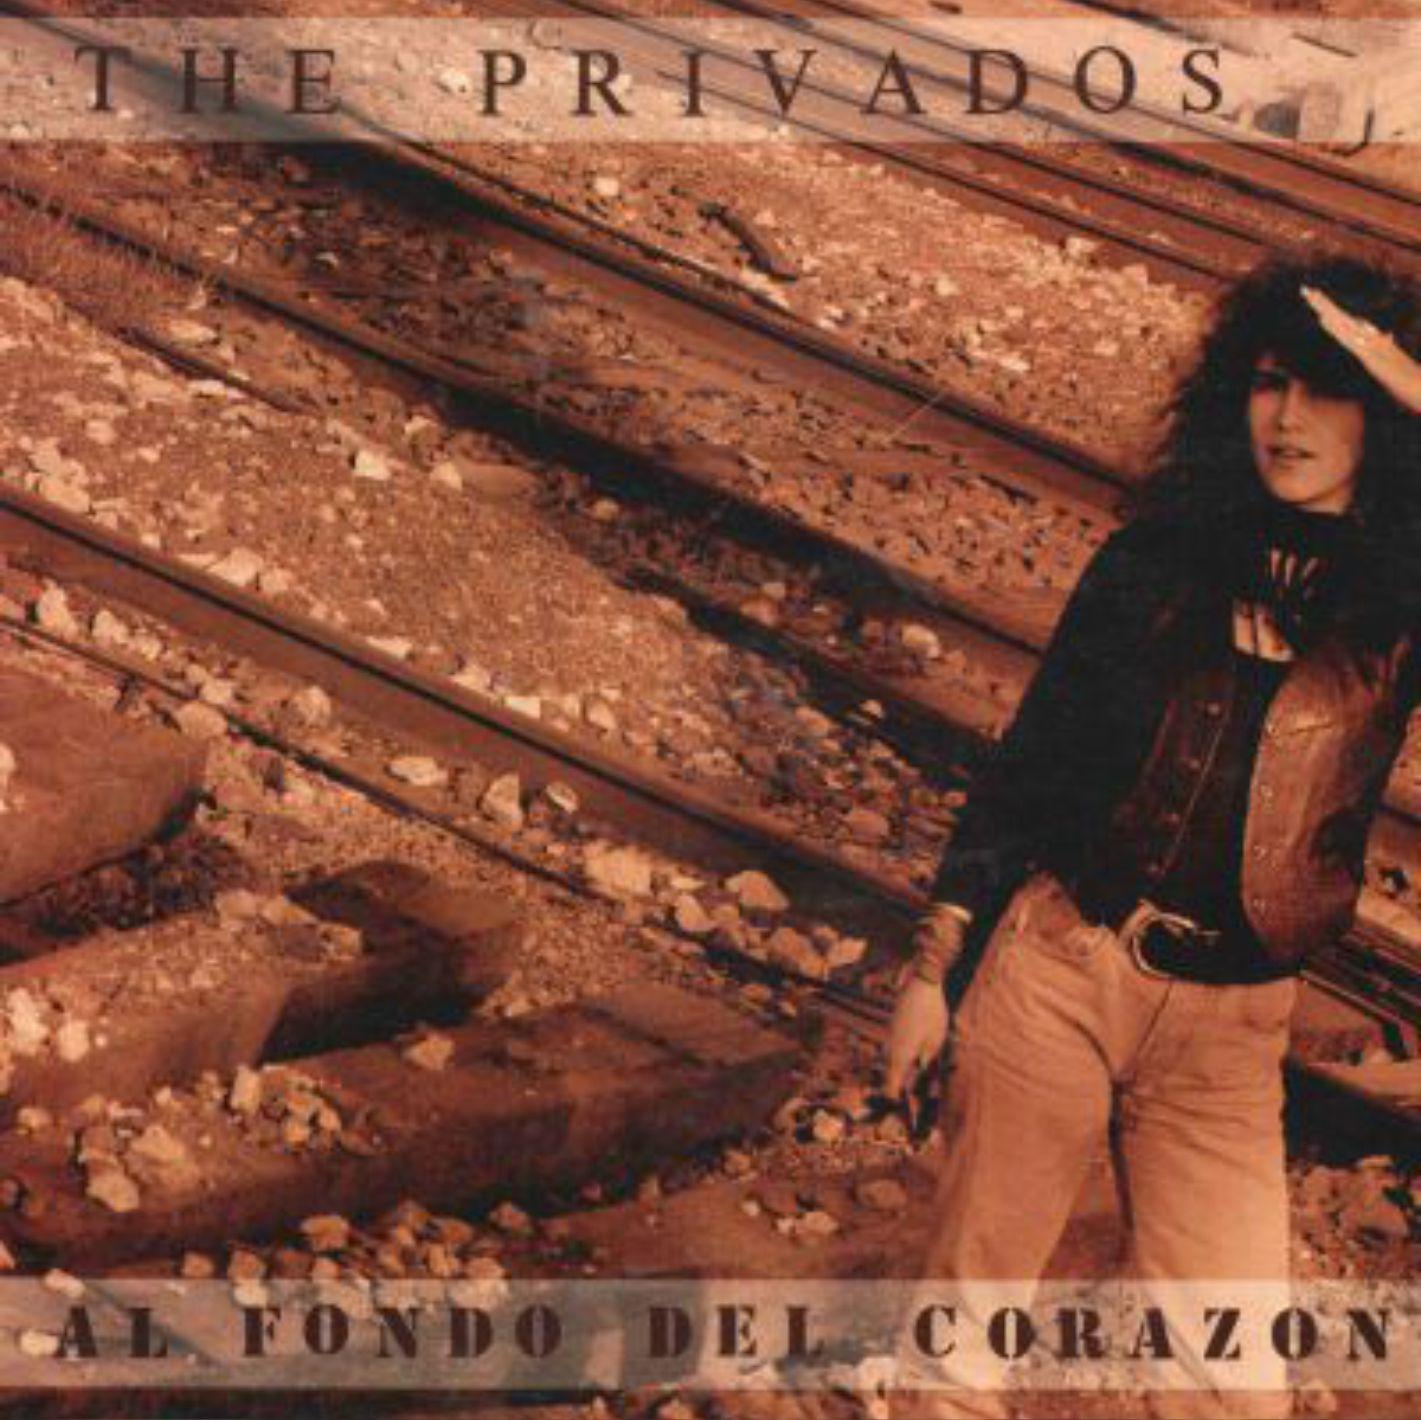 The Privados Al Fondo del Corazón